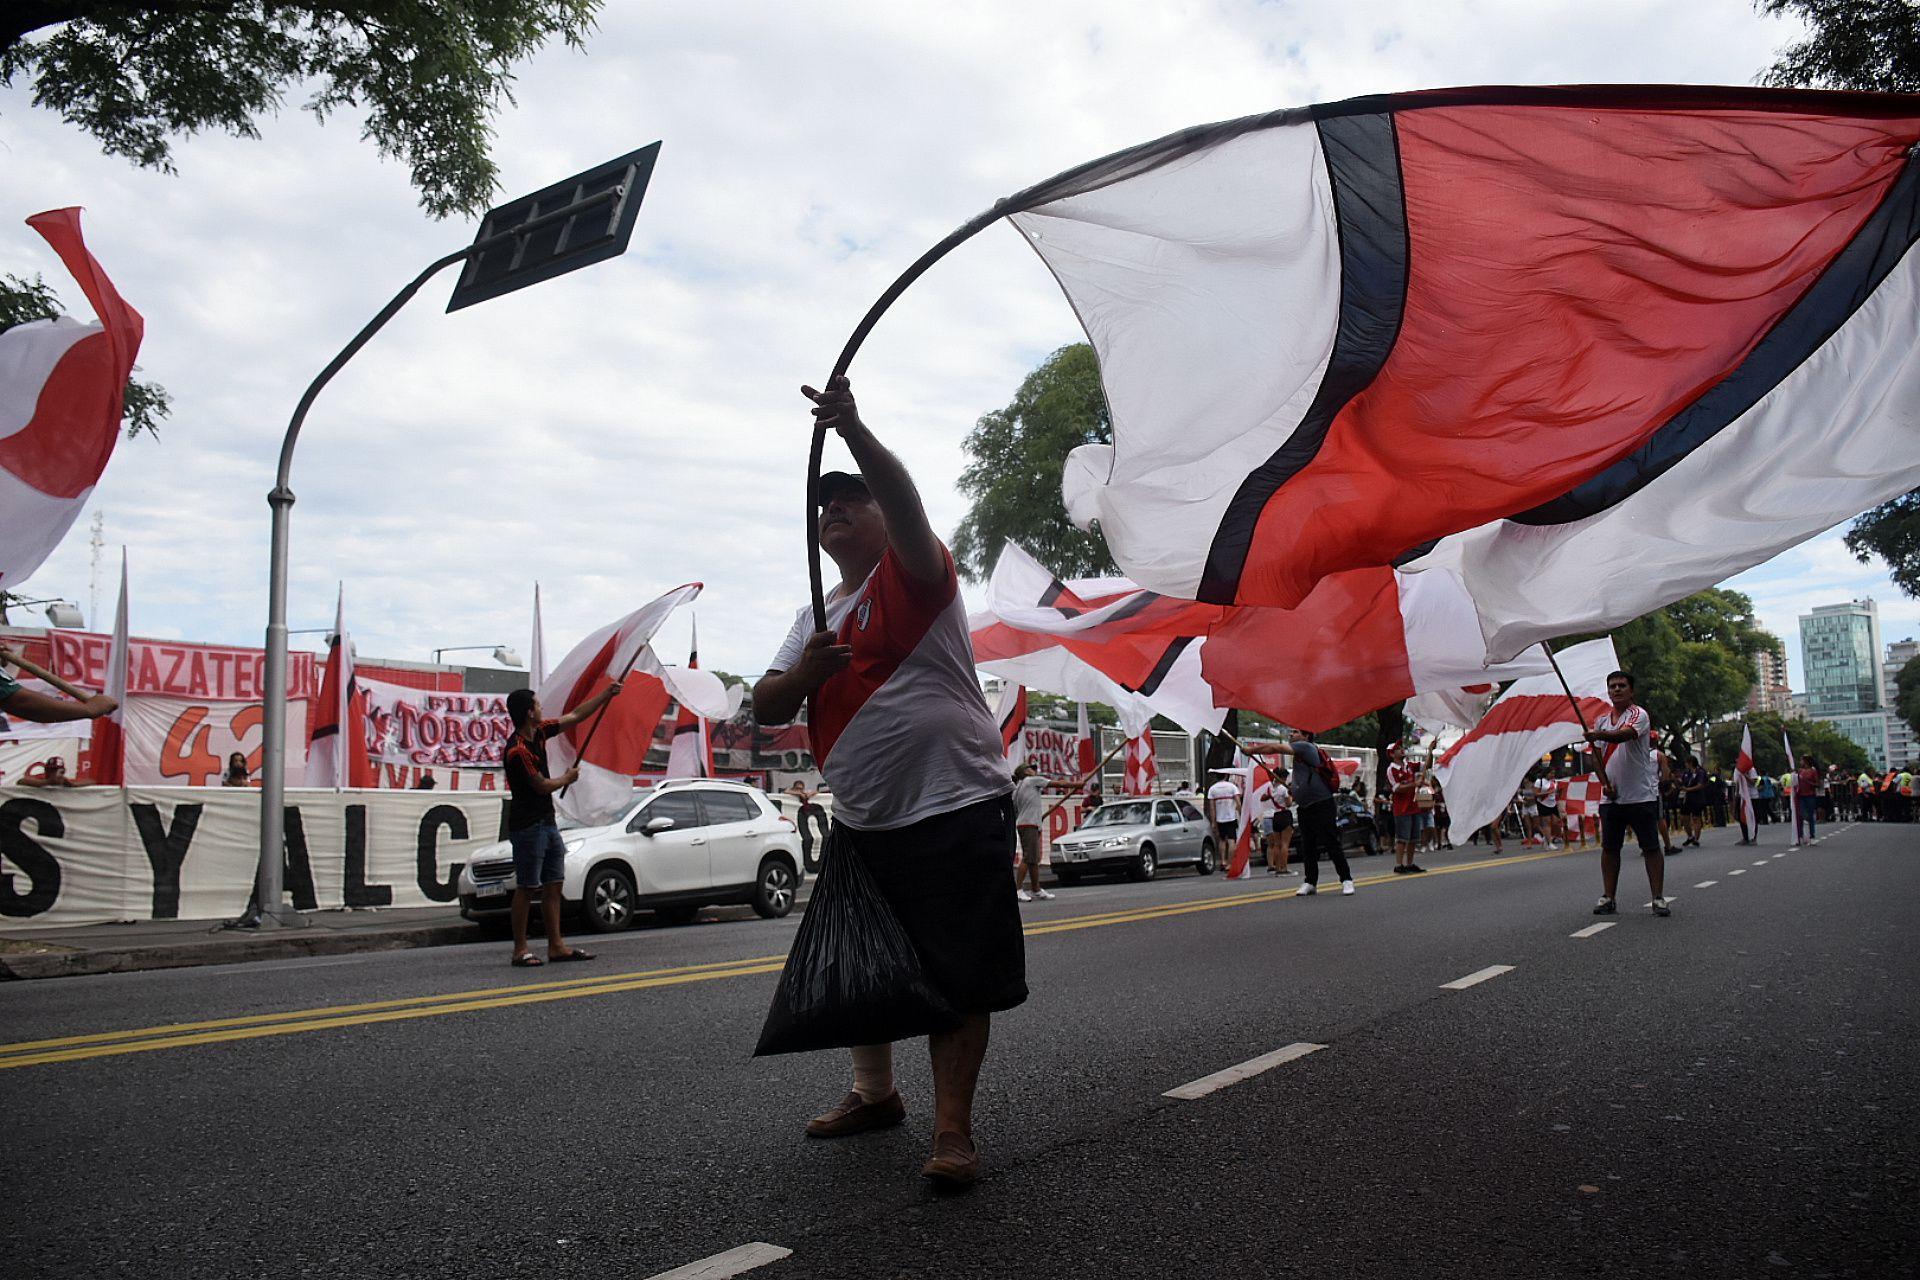 Los hinchas de River convocaron a una movida solidaria para festejar el aniversario del club (Nicolás Stulberg)